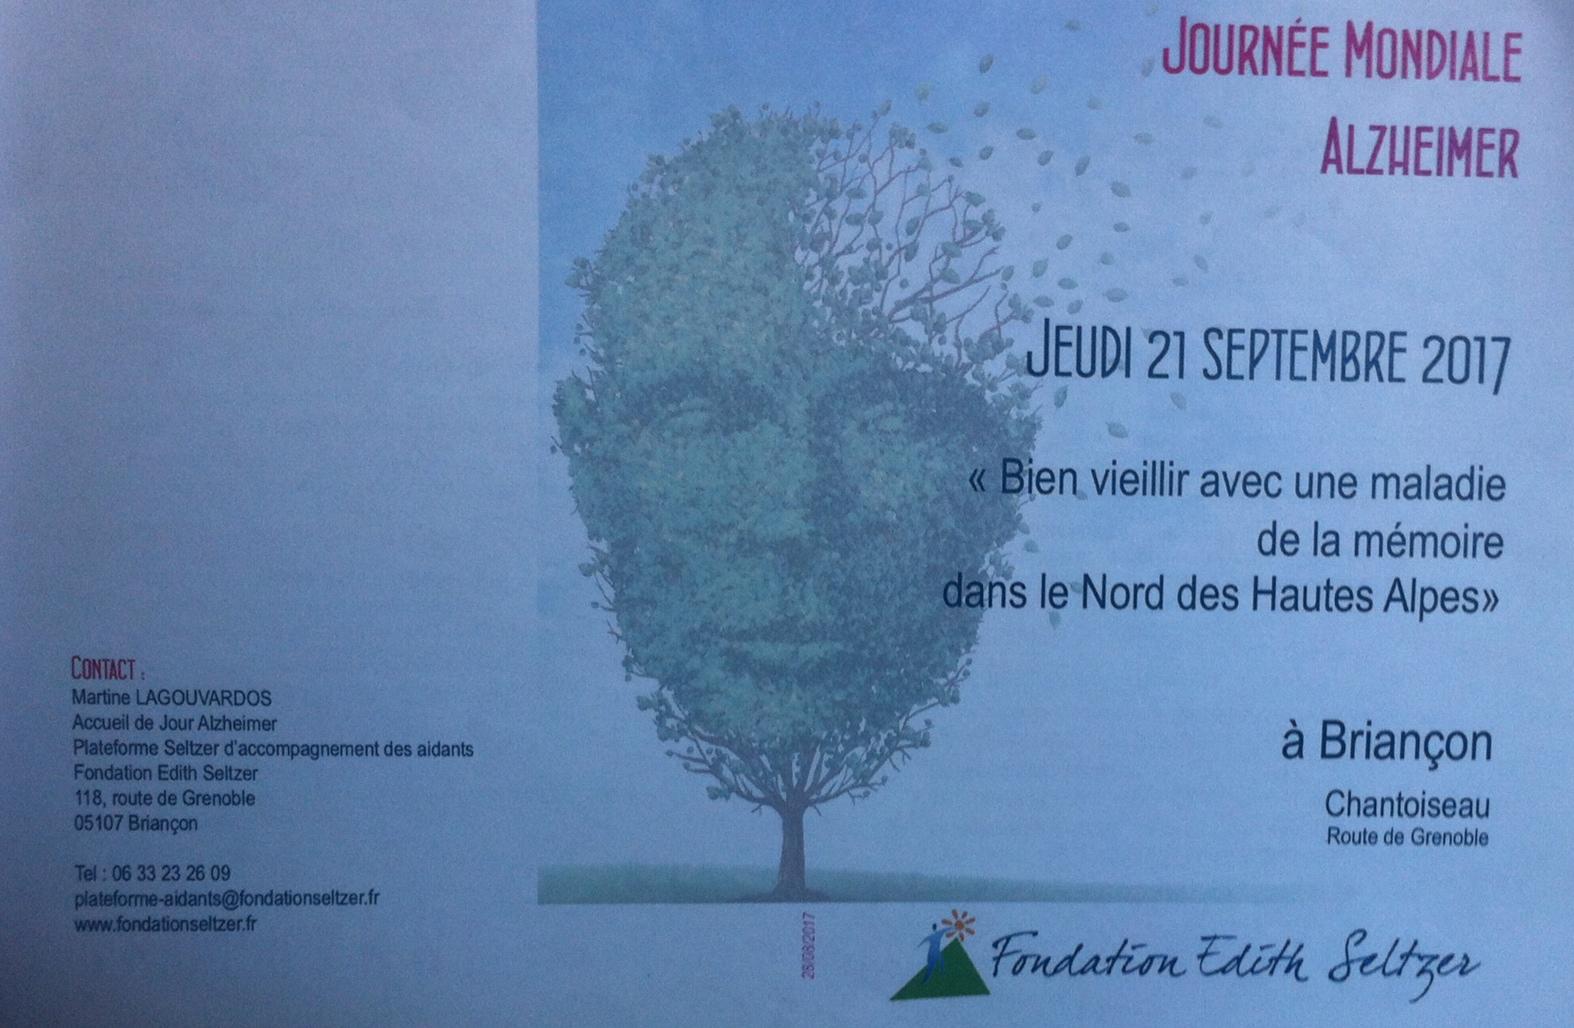 La fondation Edith Seltzer participe à la journée mondiale Alzheimer